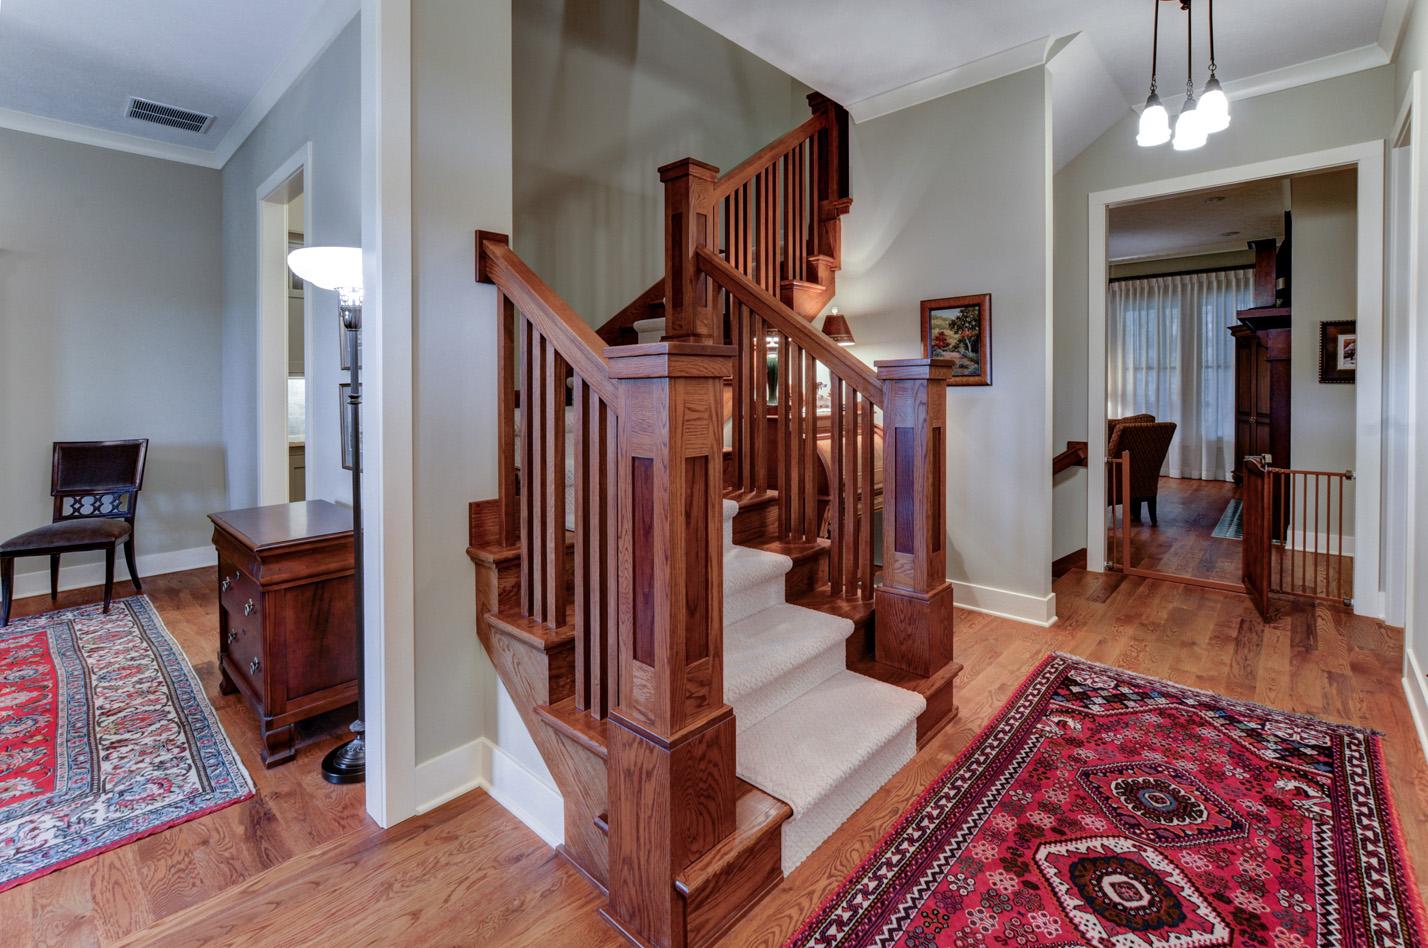 built-by-brett-custom-home-builders-springfield-mo-stonegate-court-007.jpg